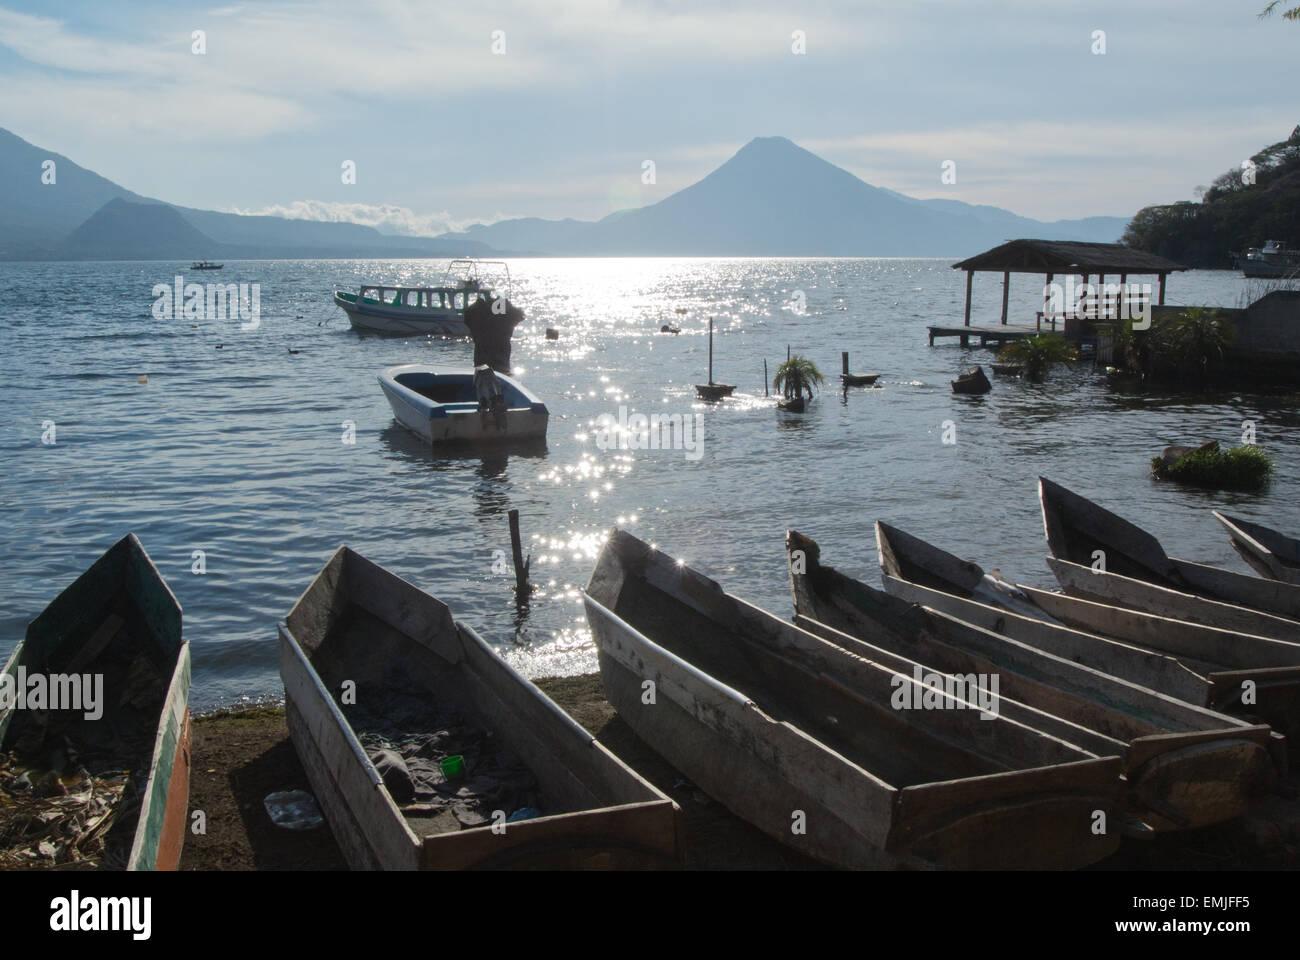 Mayan canoes at the edge of Lake Atitlan, Santa Catarina Palopo, Guatemala - Stock Image